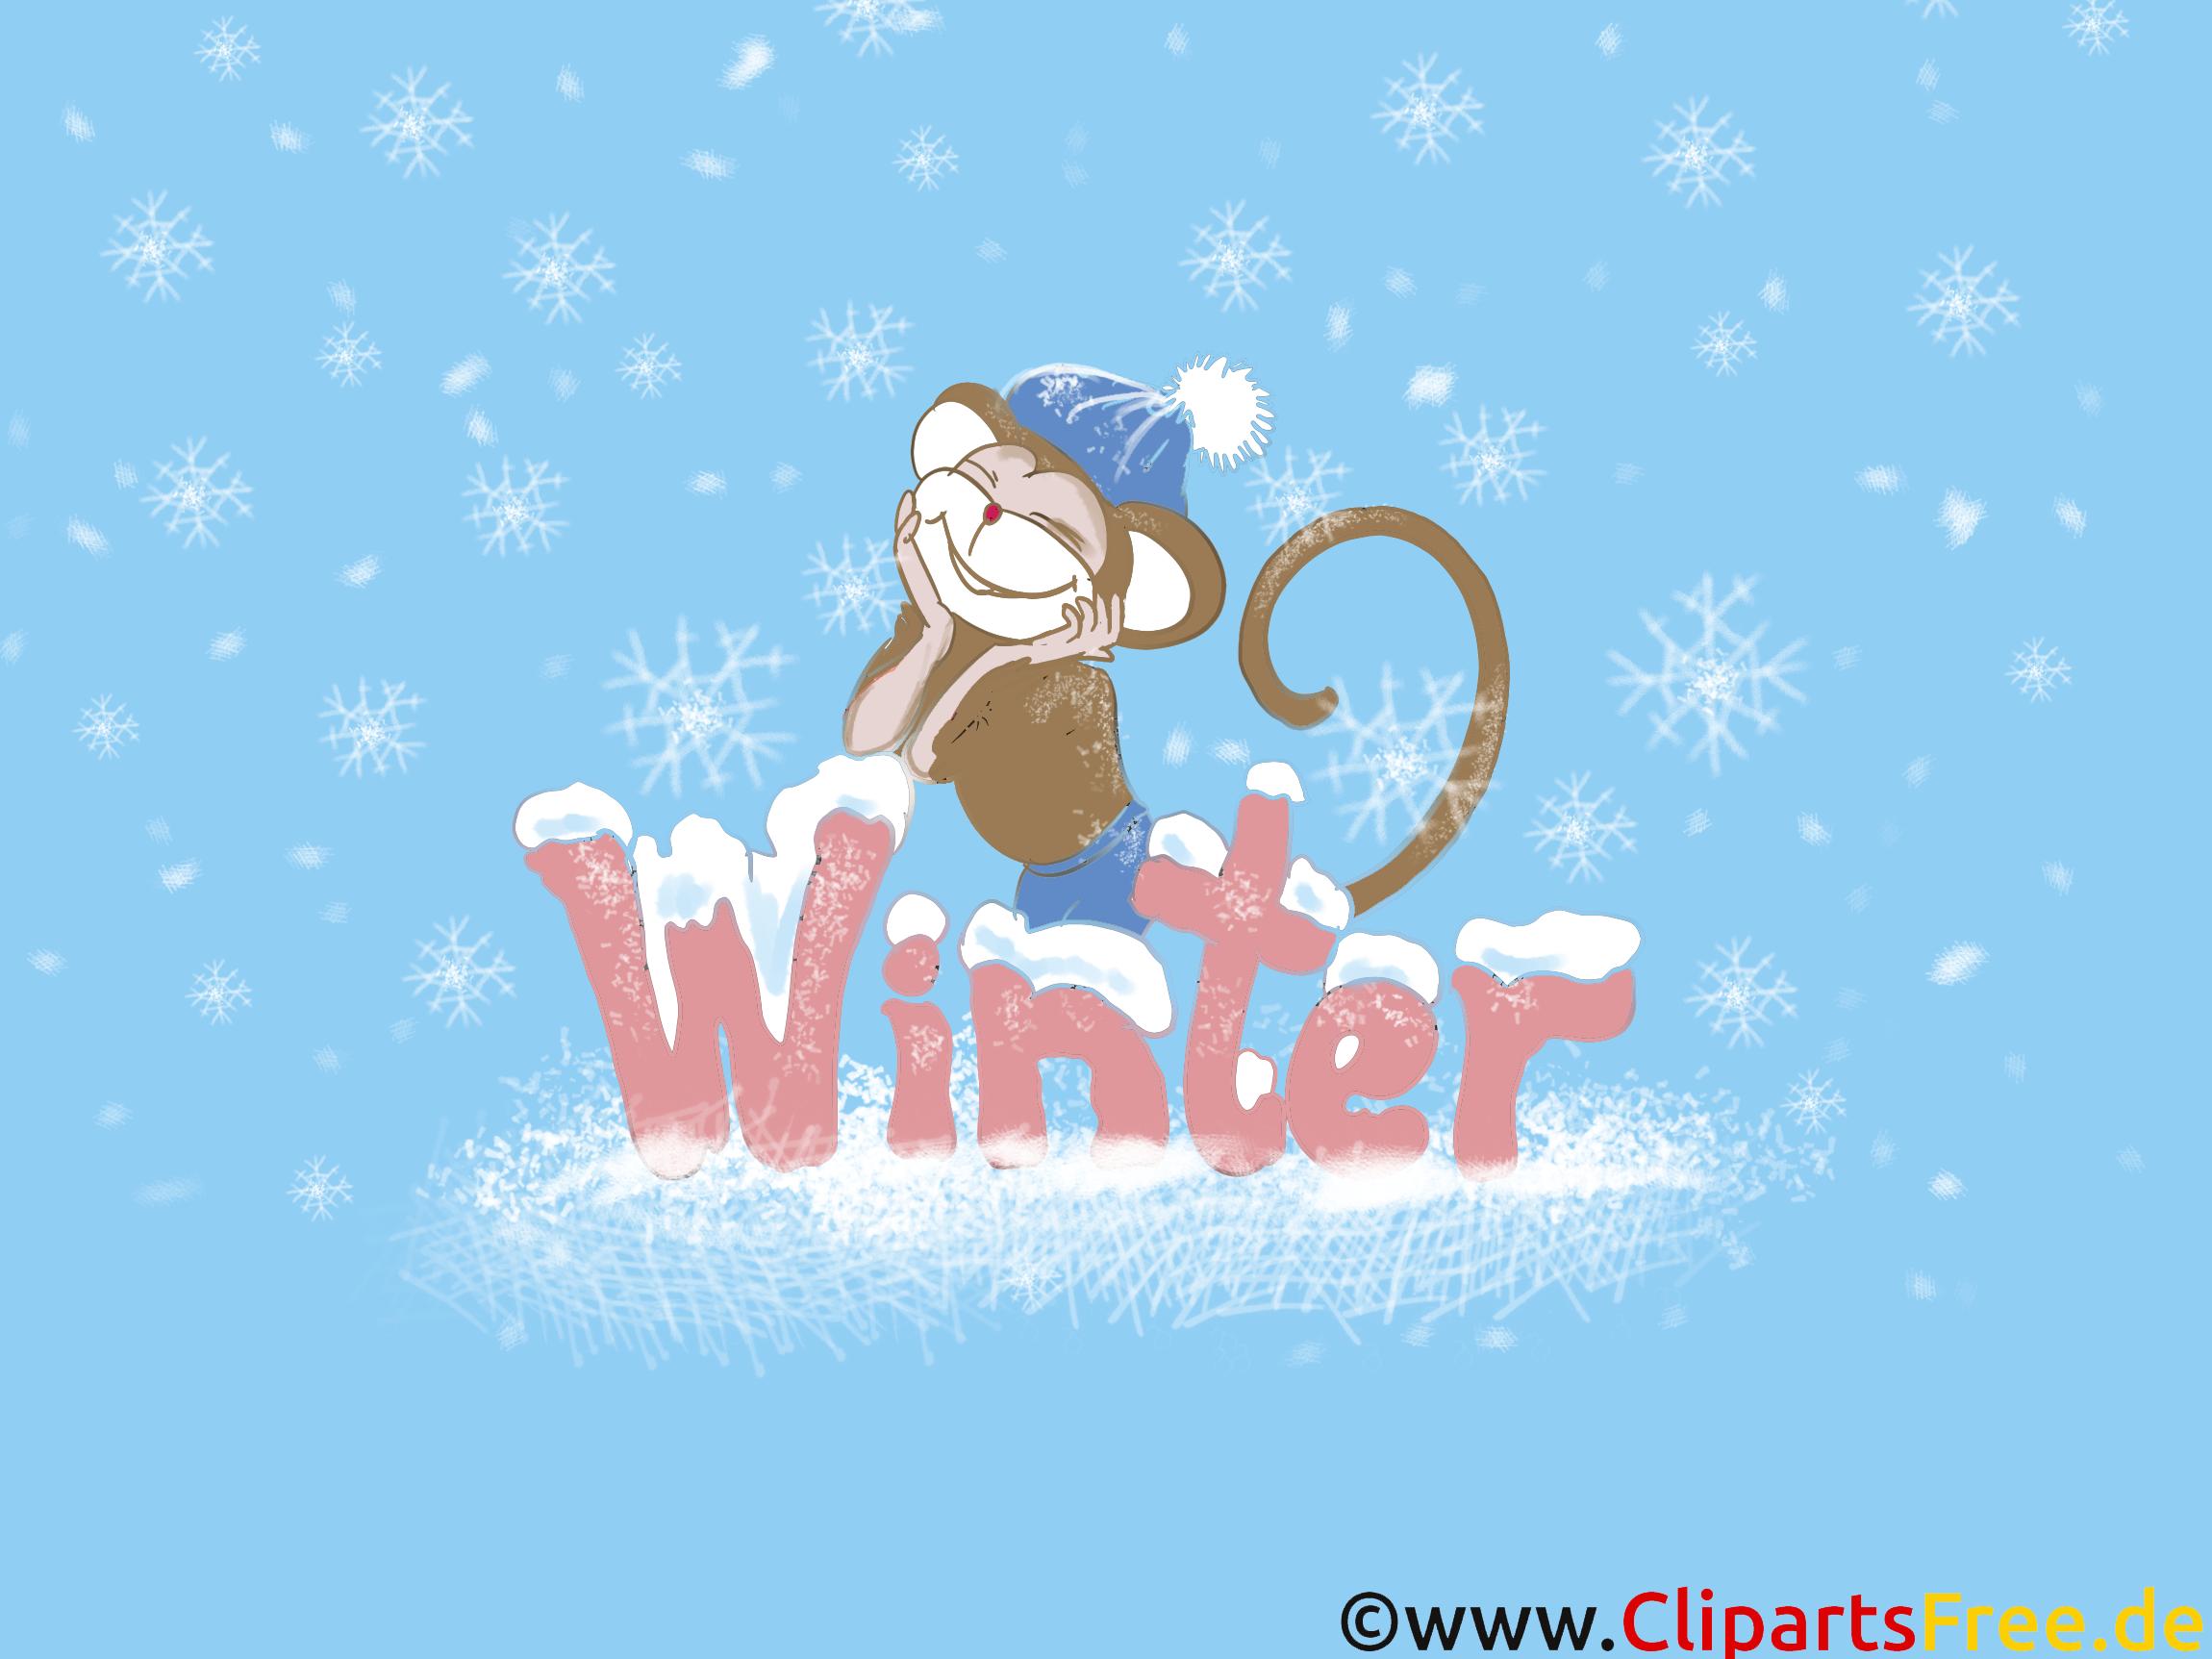 Pc hintergrundbild affe neujahr winter schnee silvester weihnachten - Cliparts weihnachten und neujahr kostenlos ...